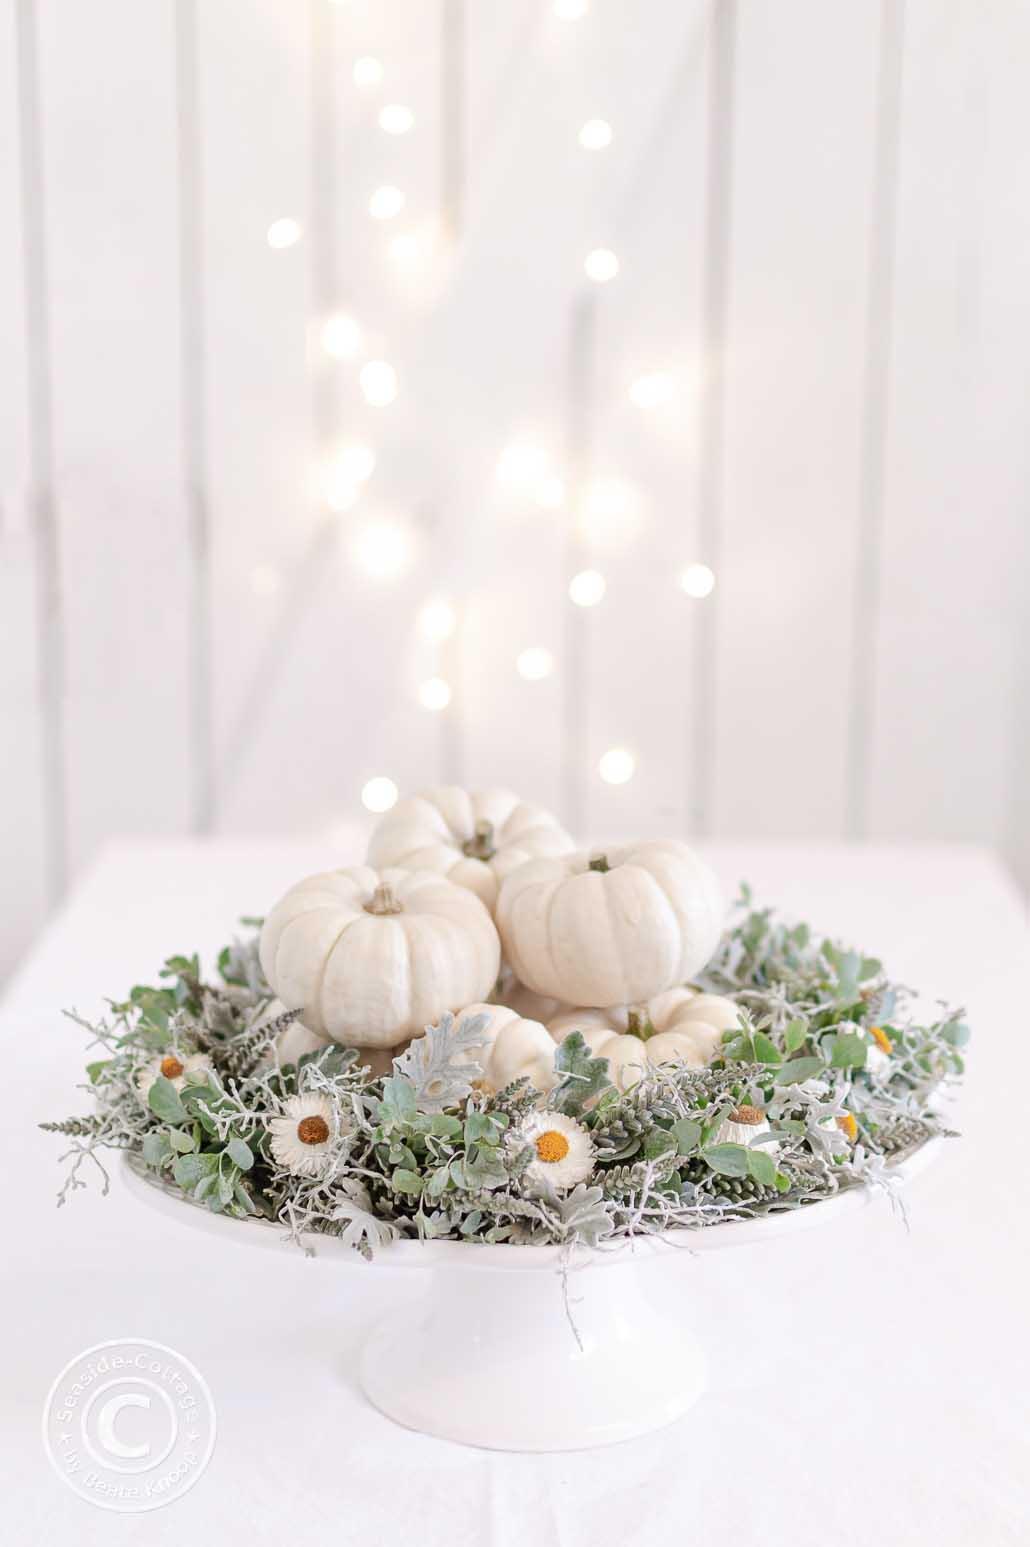 weiße Trotenp0latte aus Keramik mit Fuß auf einem Tisch mit weißer Tischdecke, im Hintergrund eine weiße Bretterwand mit Lichterkette. Auf der Tortenplatte ist ein Herbstkranz in grau-weiß dekoriert, in dessen Mitte sind kleine weiße Zierkürbisse gestapelt